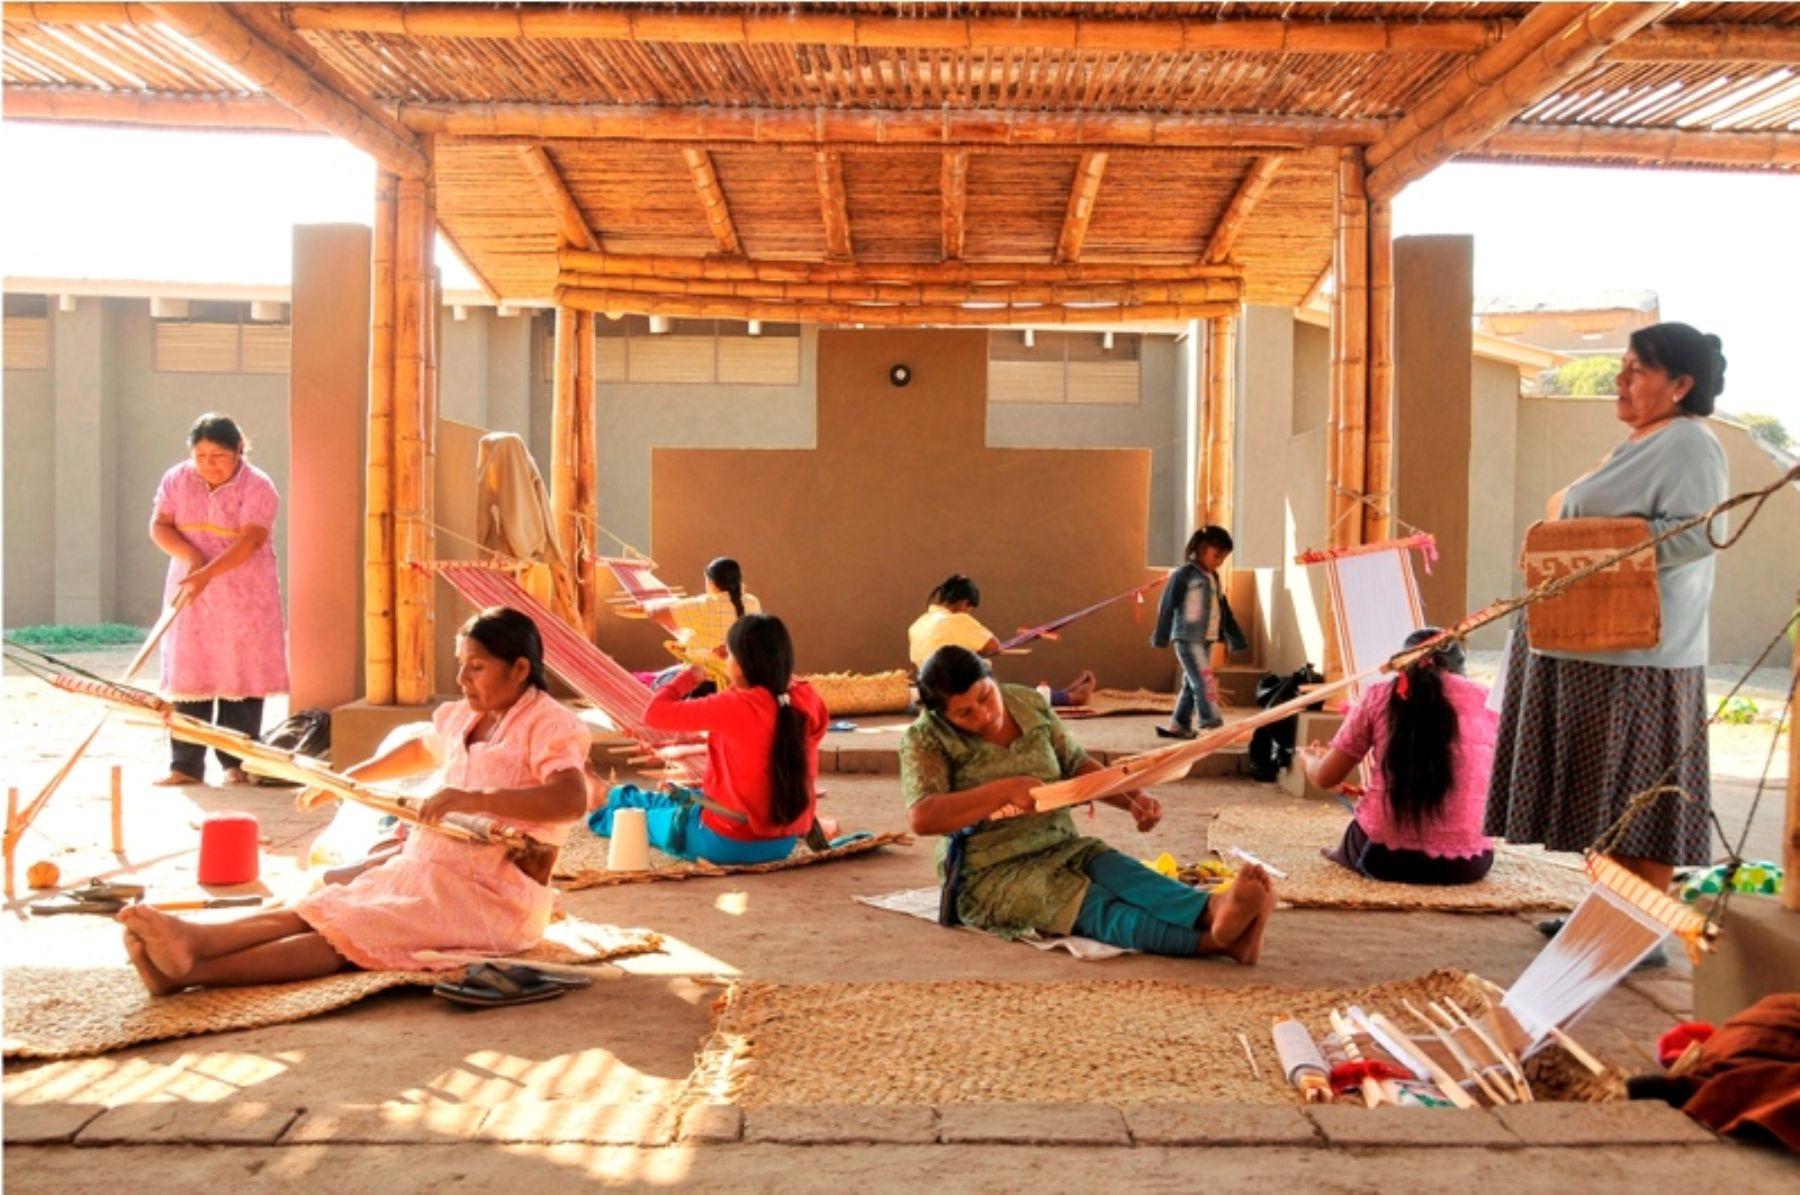 Las mujeres de la zona son capacitadas en las técnicas de tejido ancestrales.